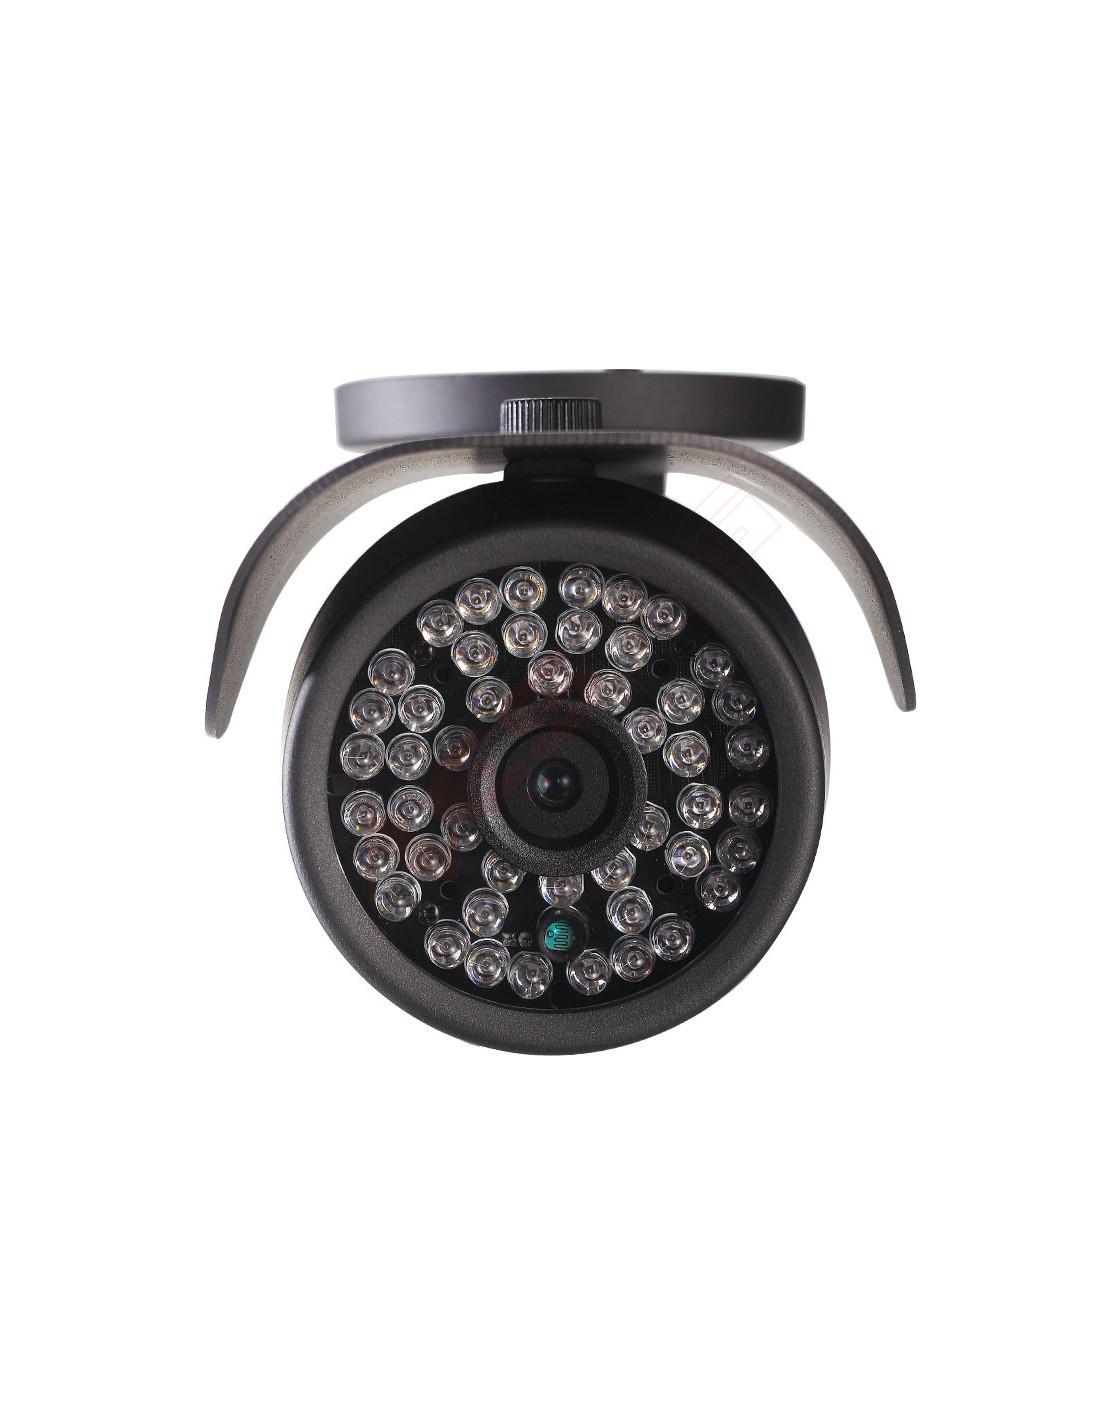 Die IP-basierte GSM Telemetrie Lösung mit Kameraanbindung und